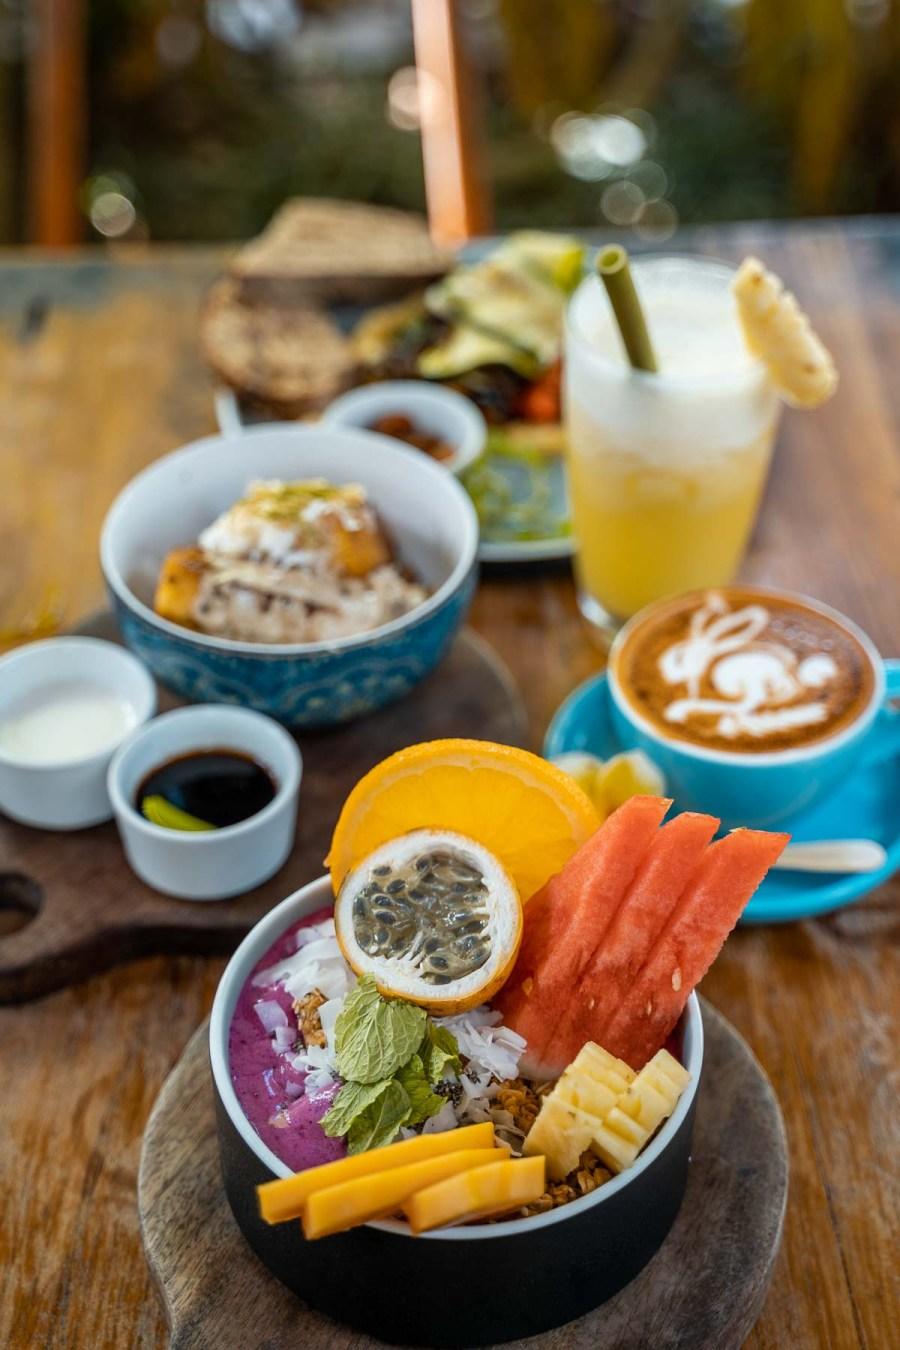 Breakfast spread at the Shady Shack in Canggu, Bali